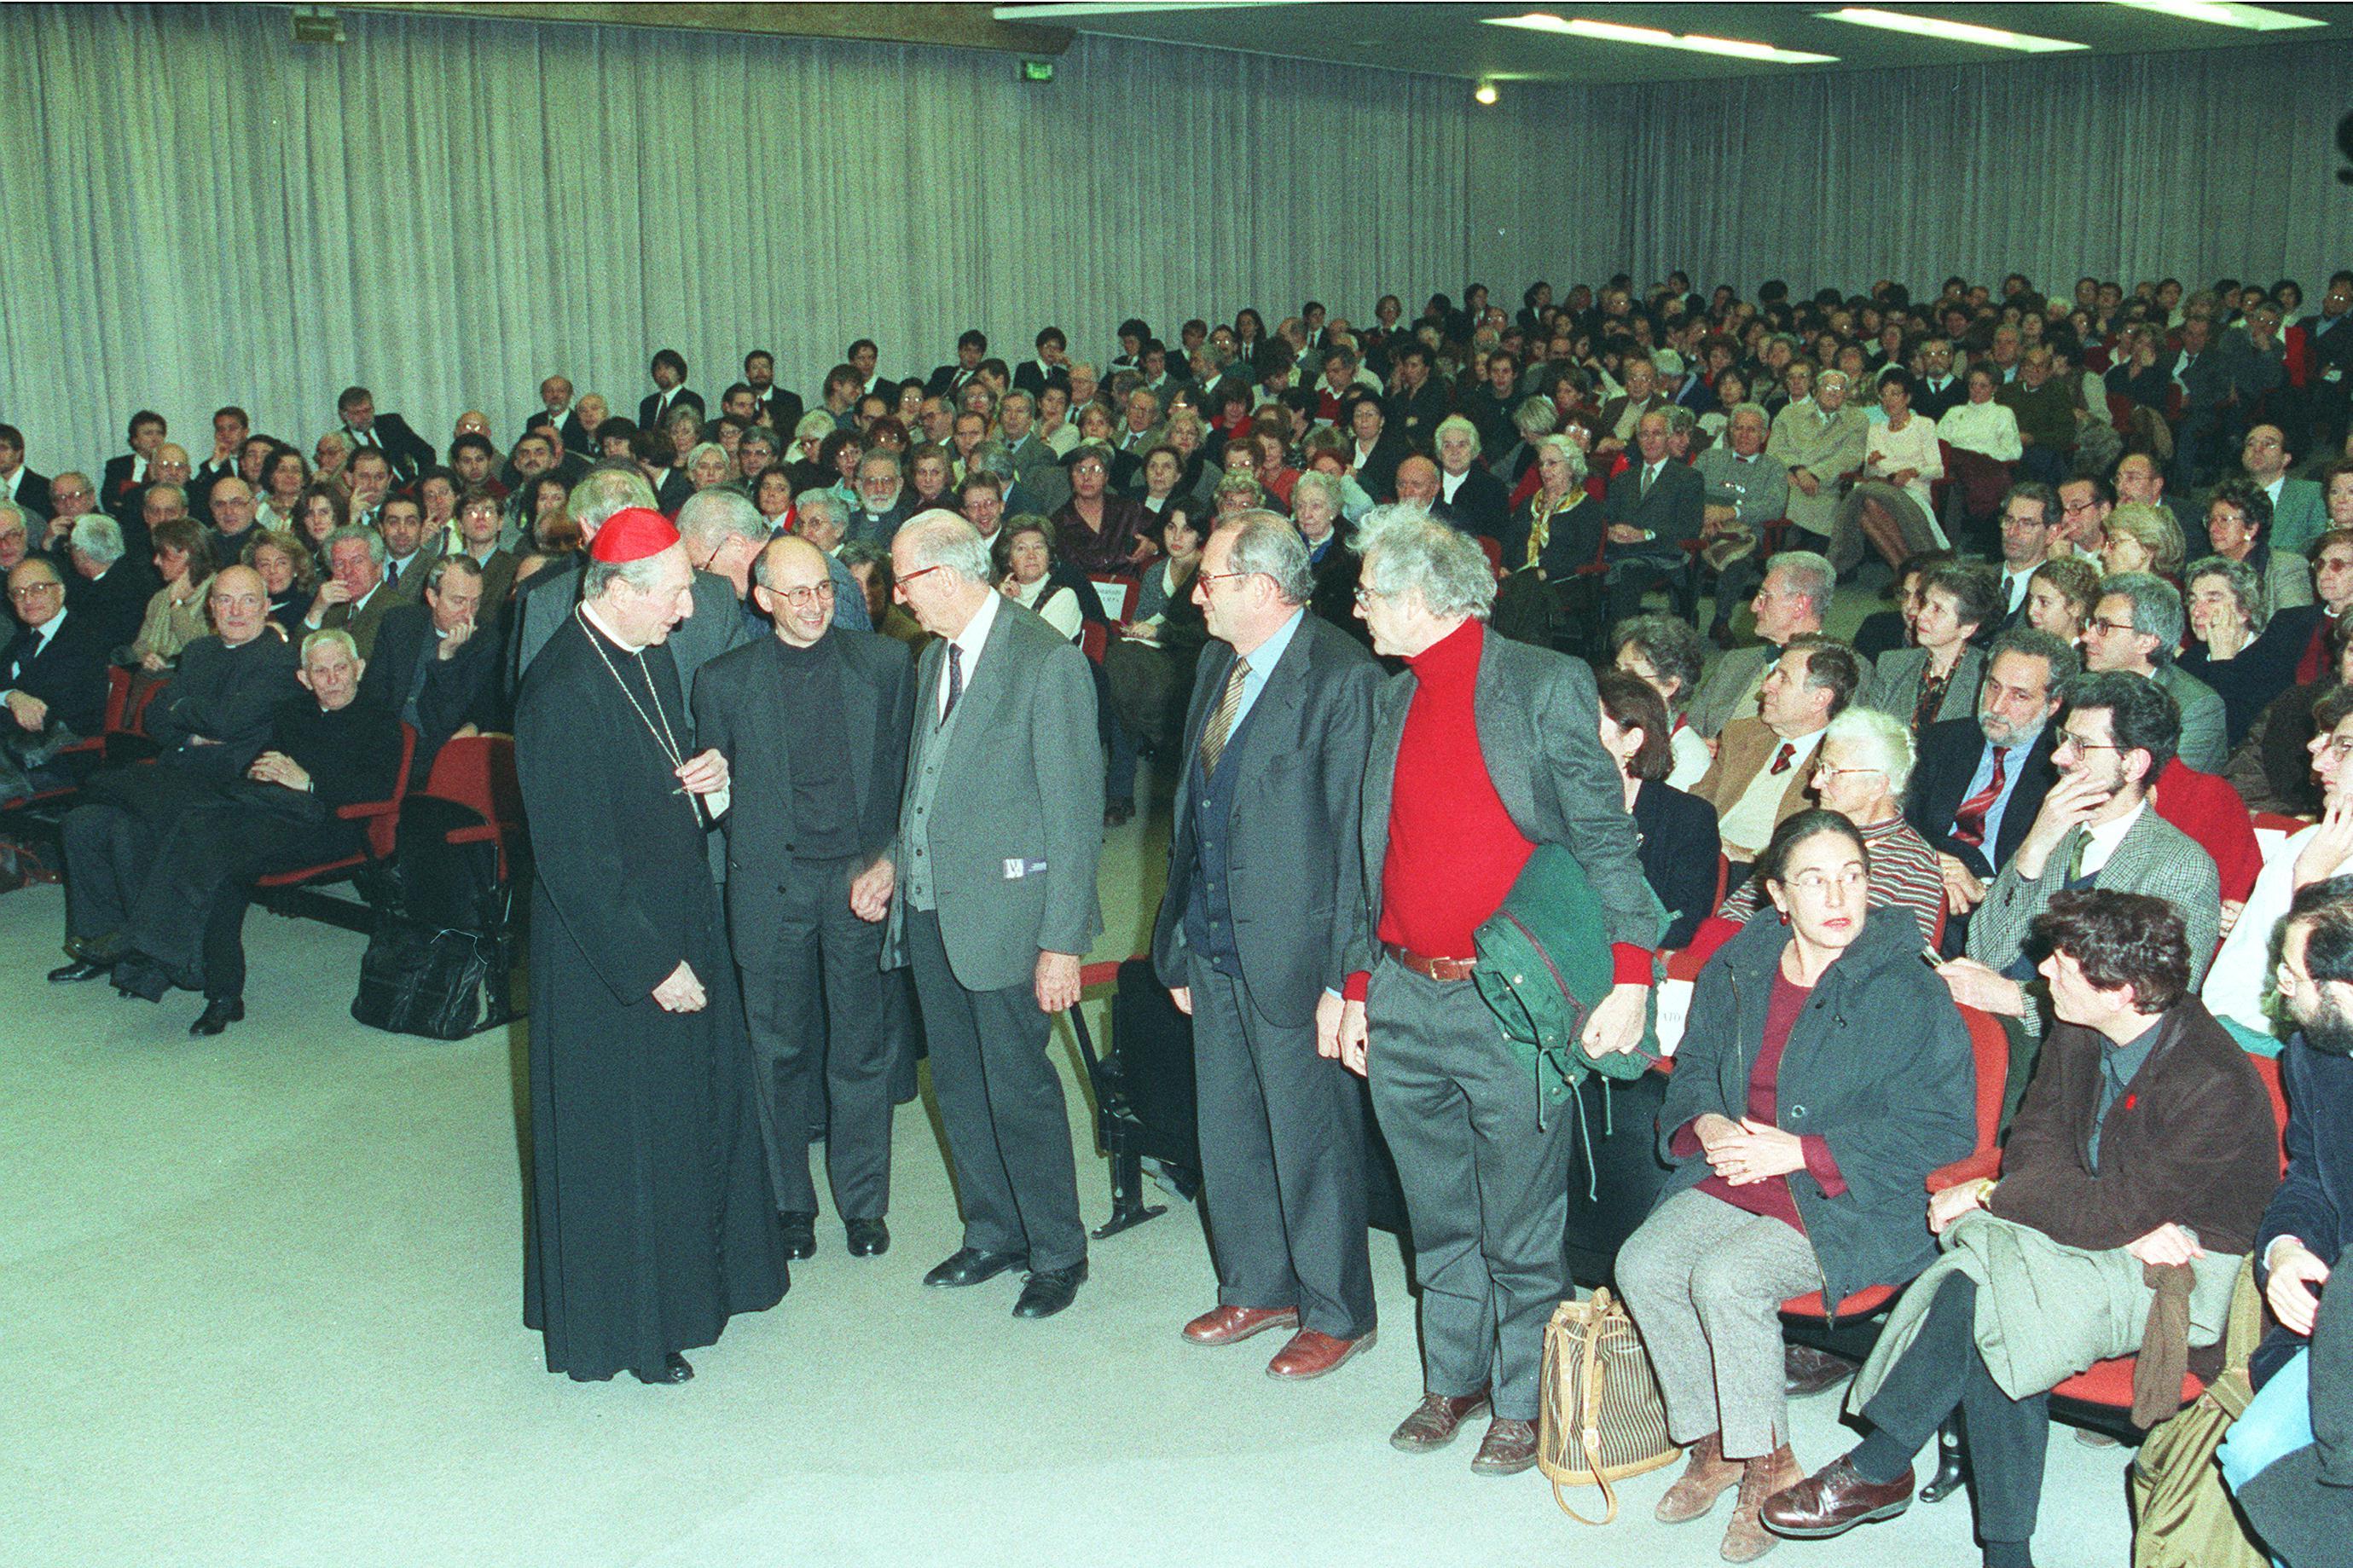 Il card. Carlo Maria Martini saluta il rettore dell'Università degli Studi di Milano, prof. Paolo Mantegazza